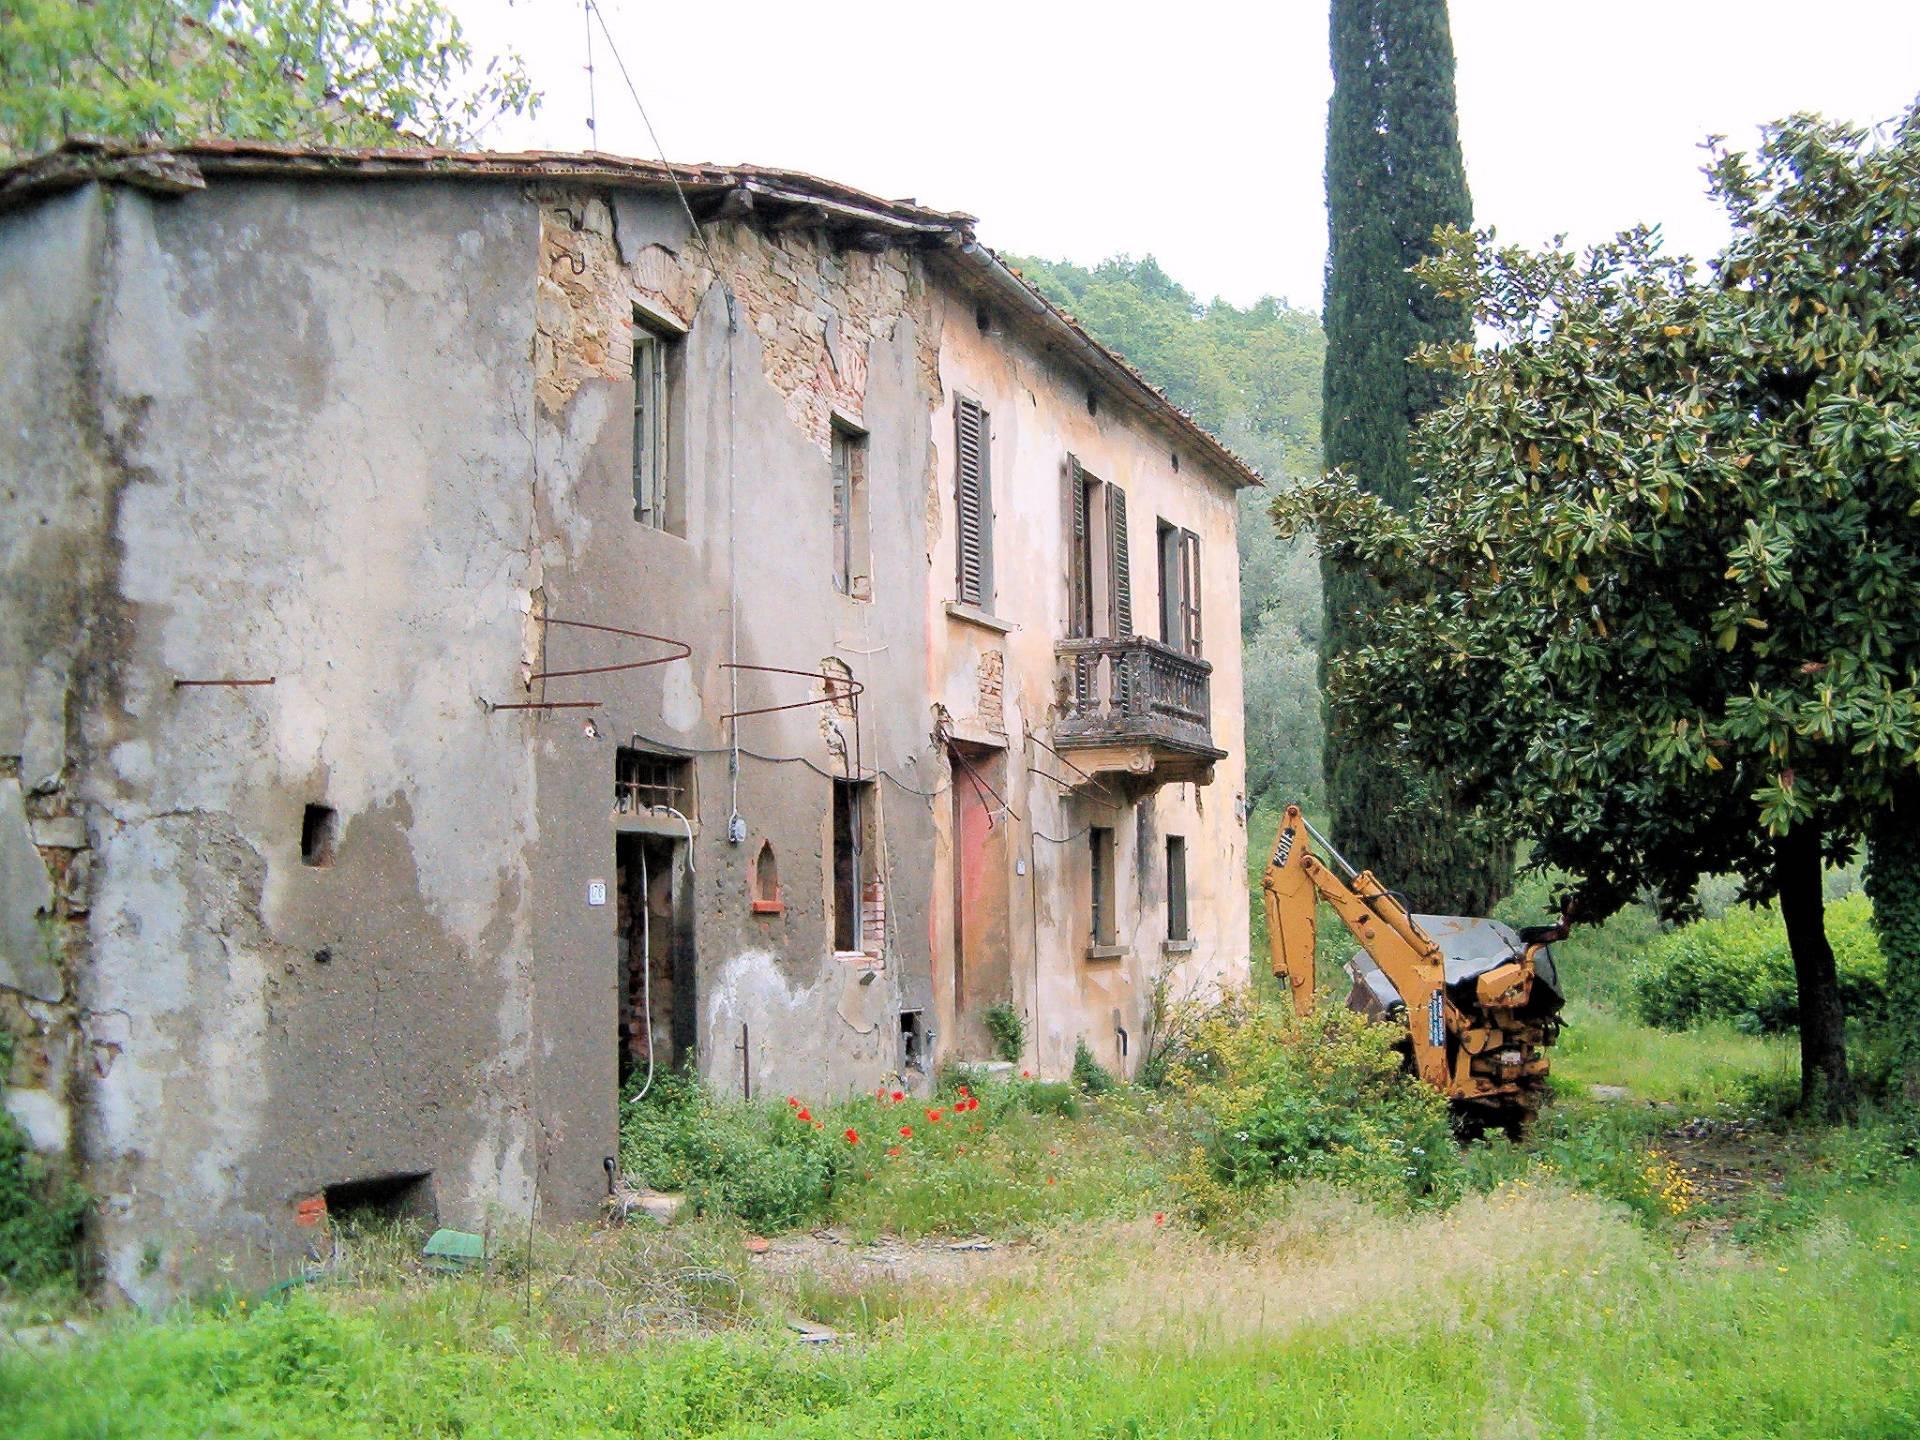 Casa pistoia appartamenti e case in vendita a pistoia for Case in vendita pistoia